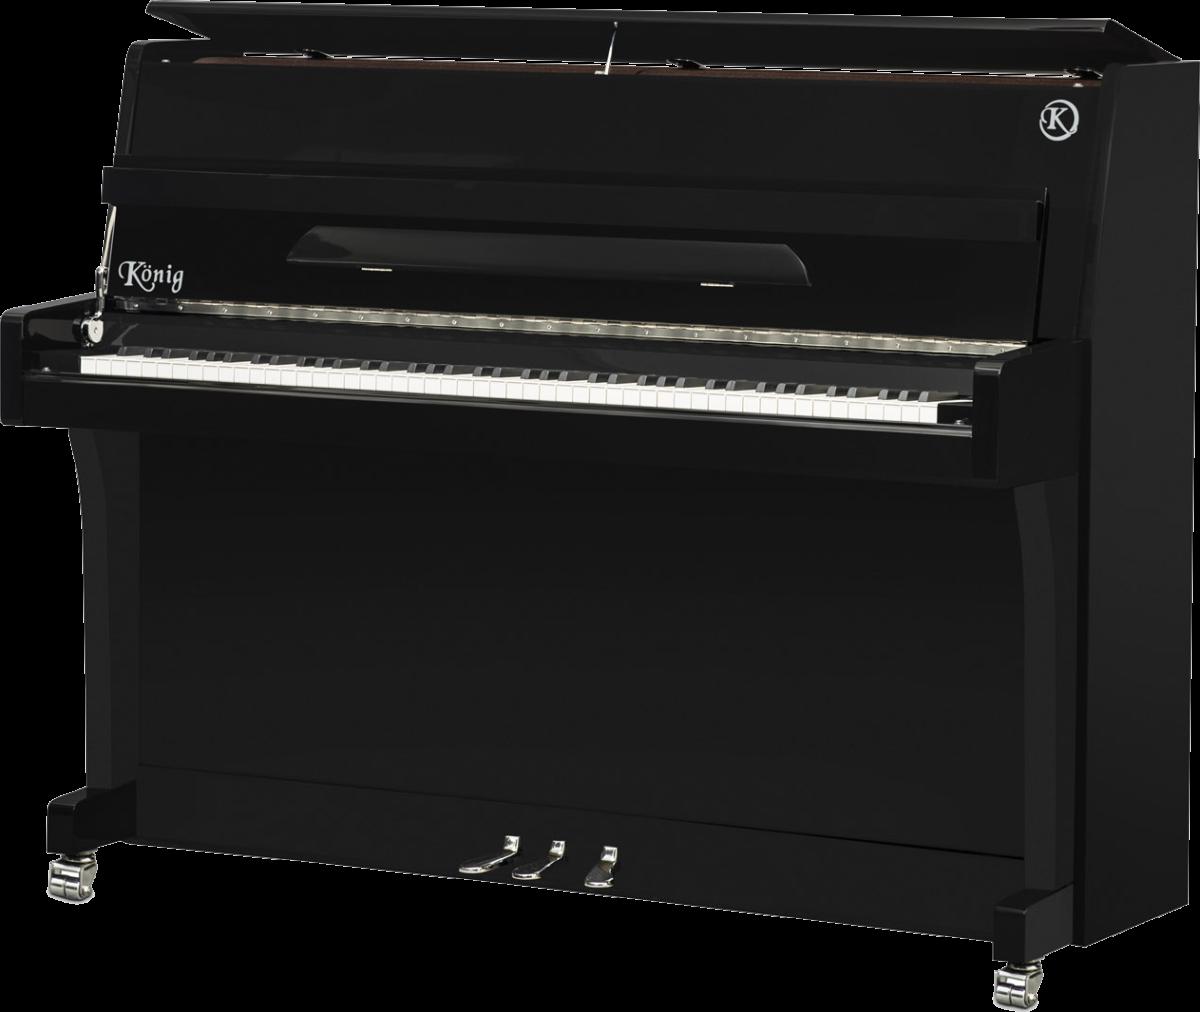 piano-vertical-konig-l109-nuevo-negro-frontales-03